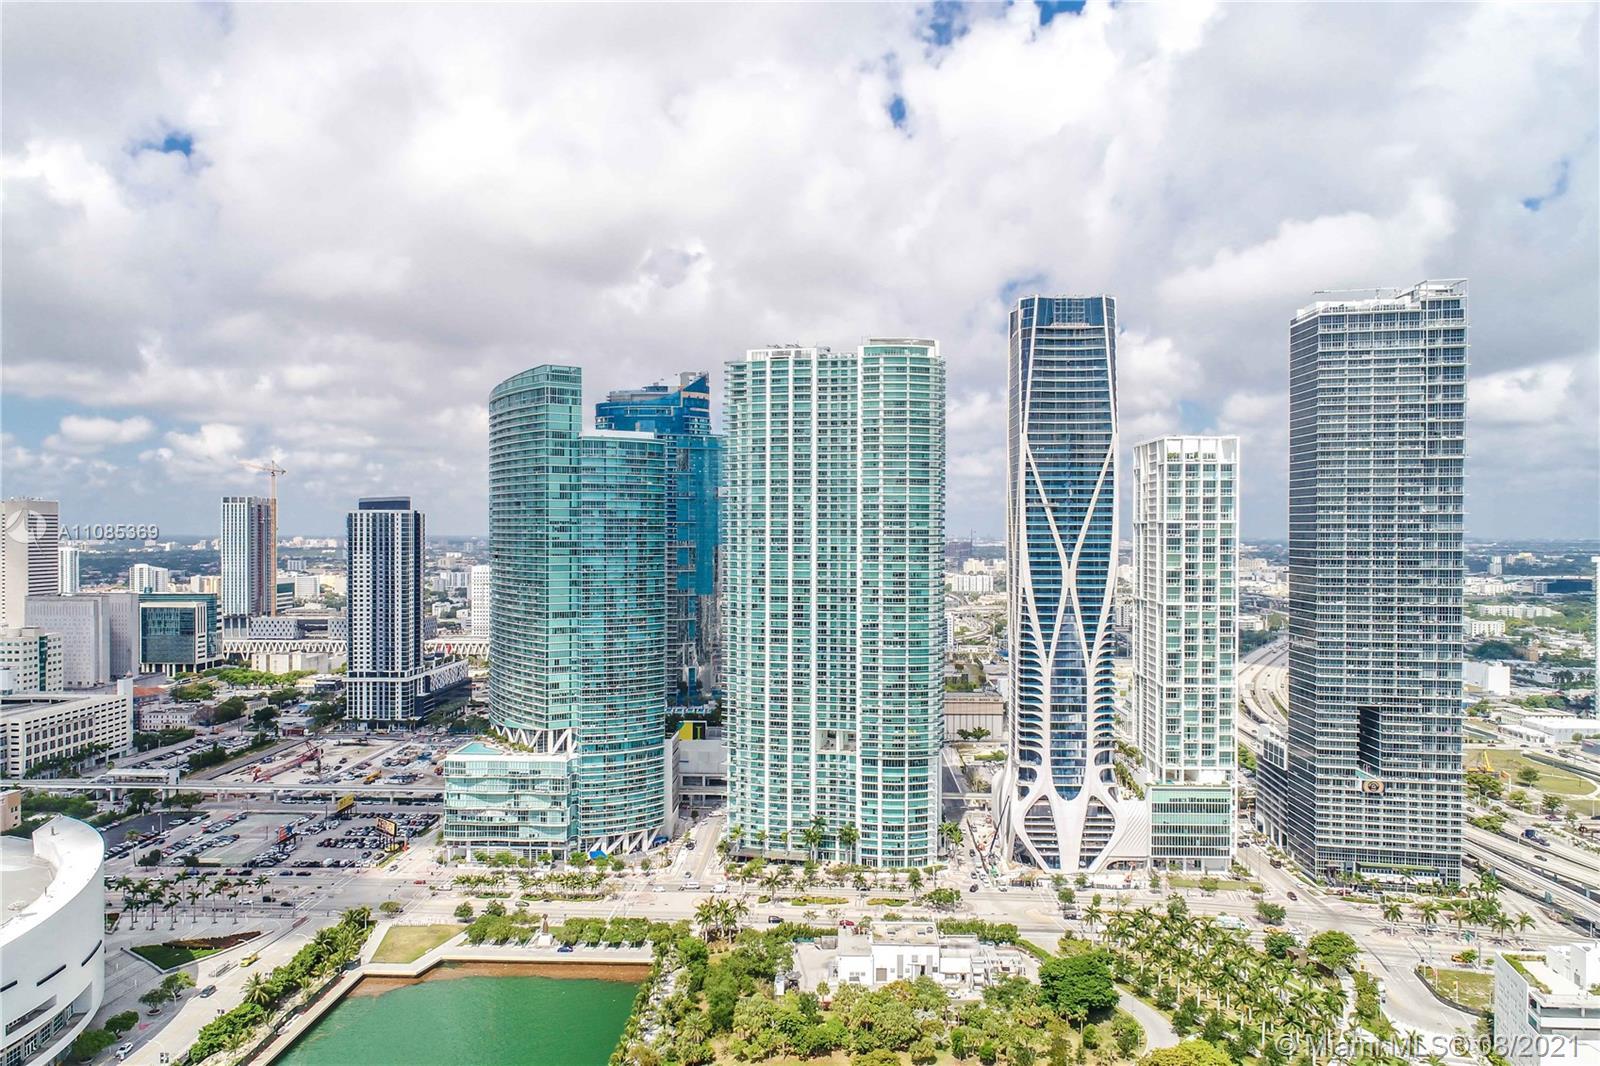 900 Biscayne Bay #5010 - 900 Biscayne Blvd #5010, Miami, FL 33132